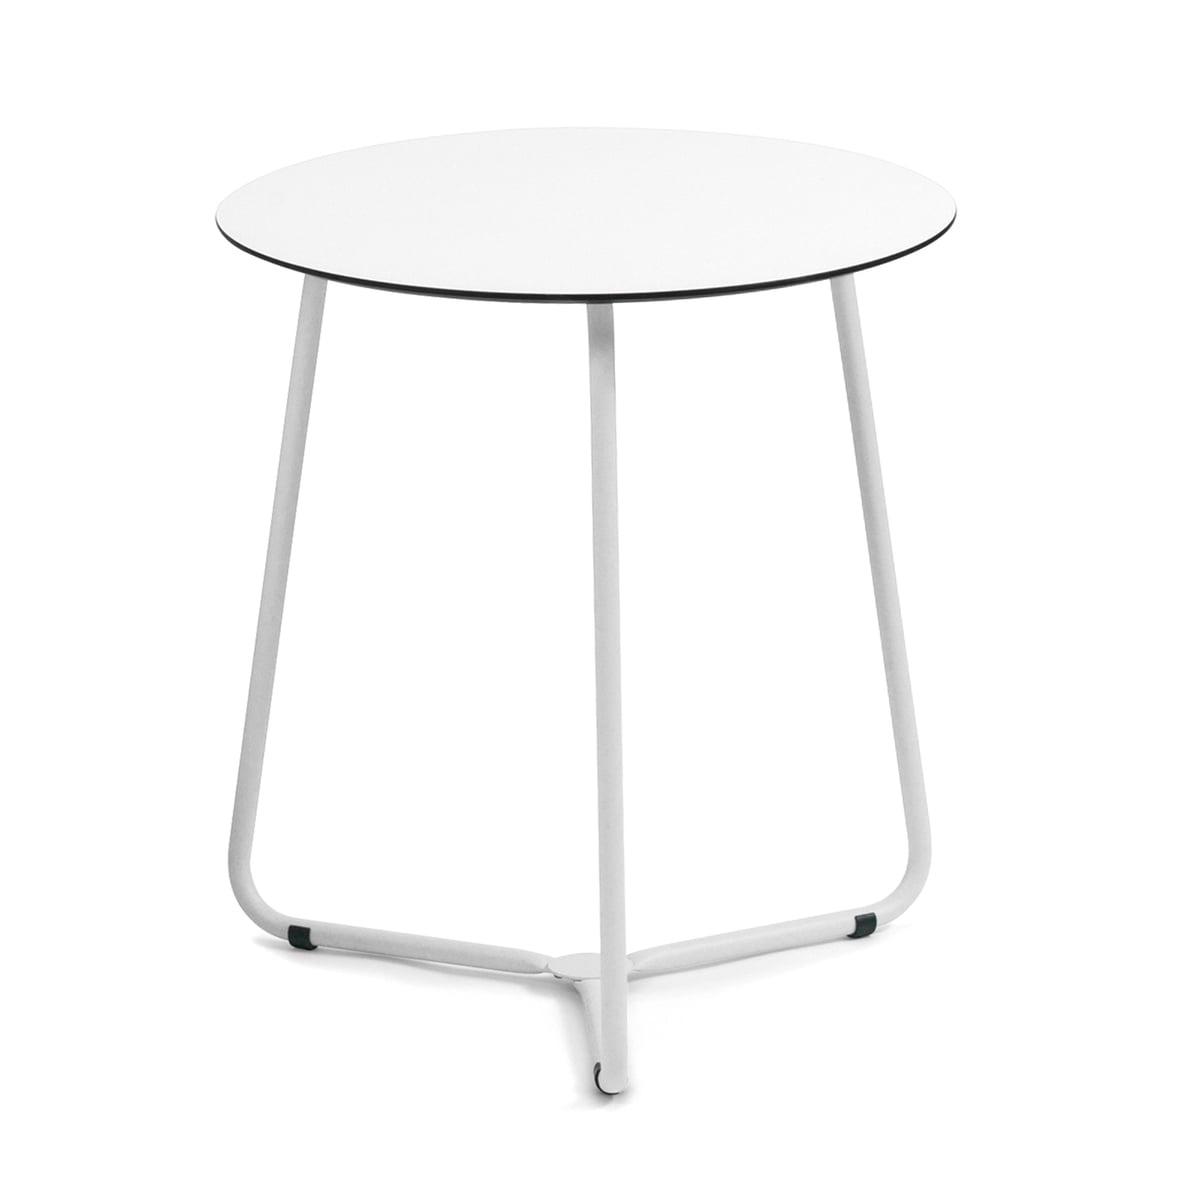 Weishäupl - Balcony Bistrotisch, HPL weiß / Edelstahl weiß | Küche und Esszimmer > Bar-Möbel > Bar-Stehtische | Weiß | Weishäupl